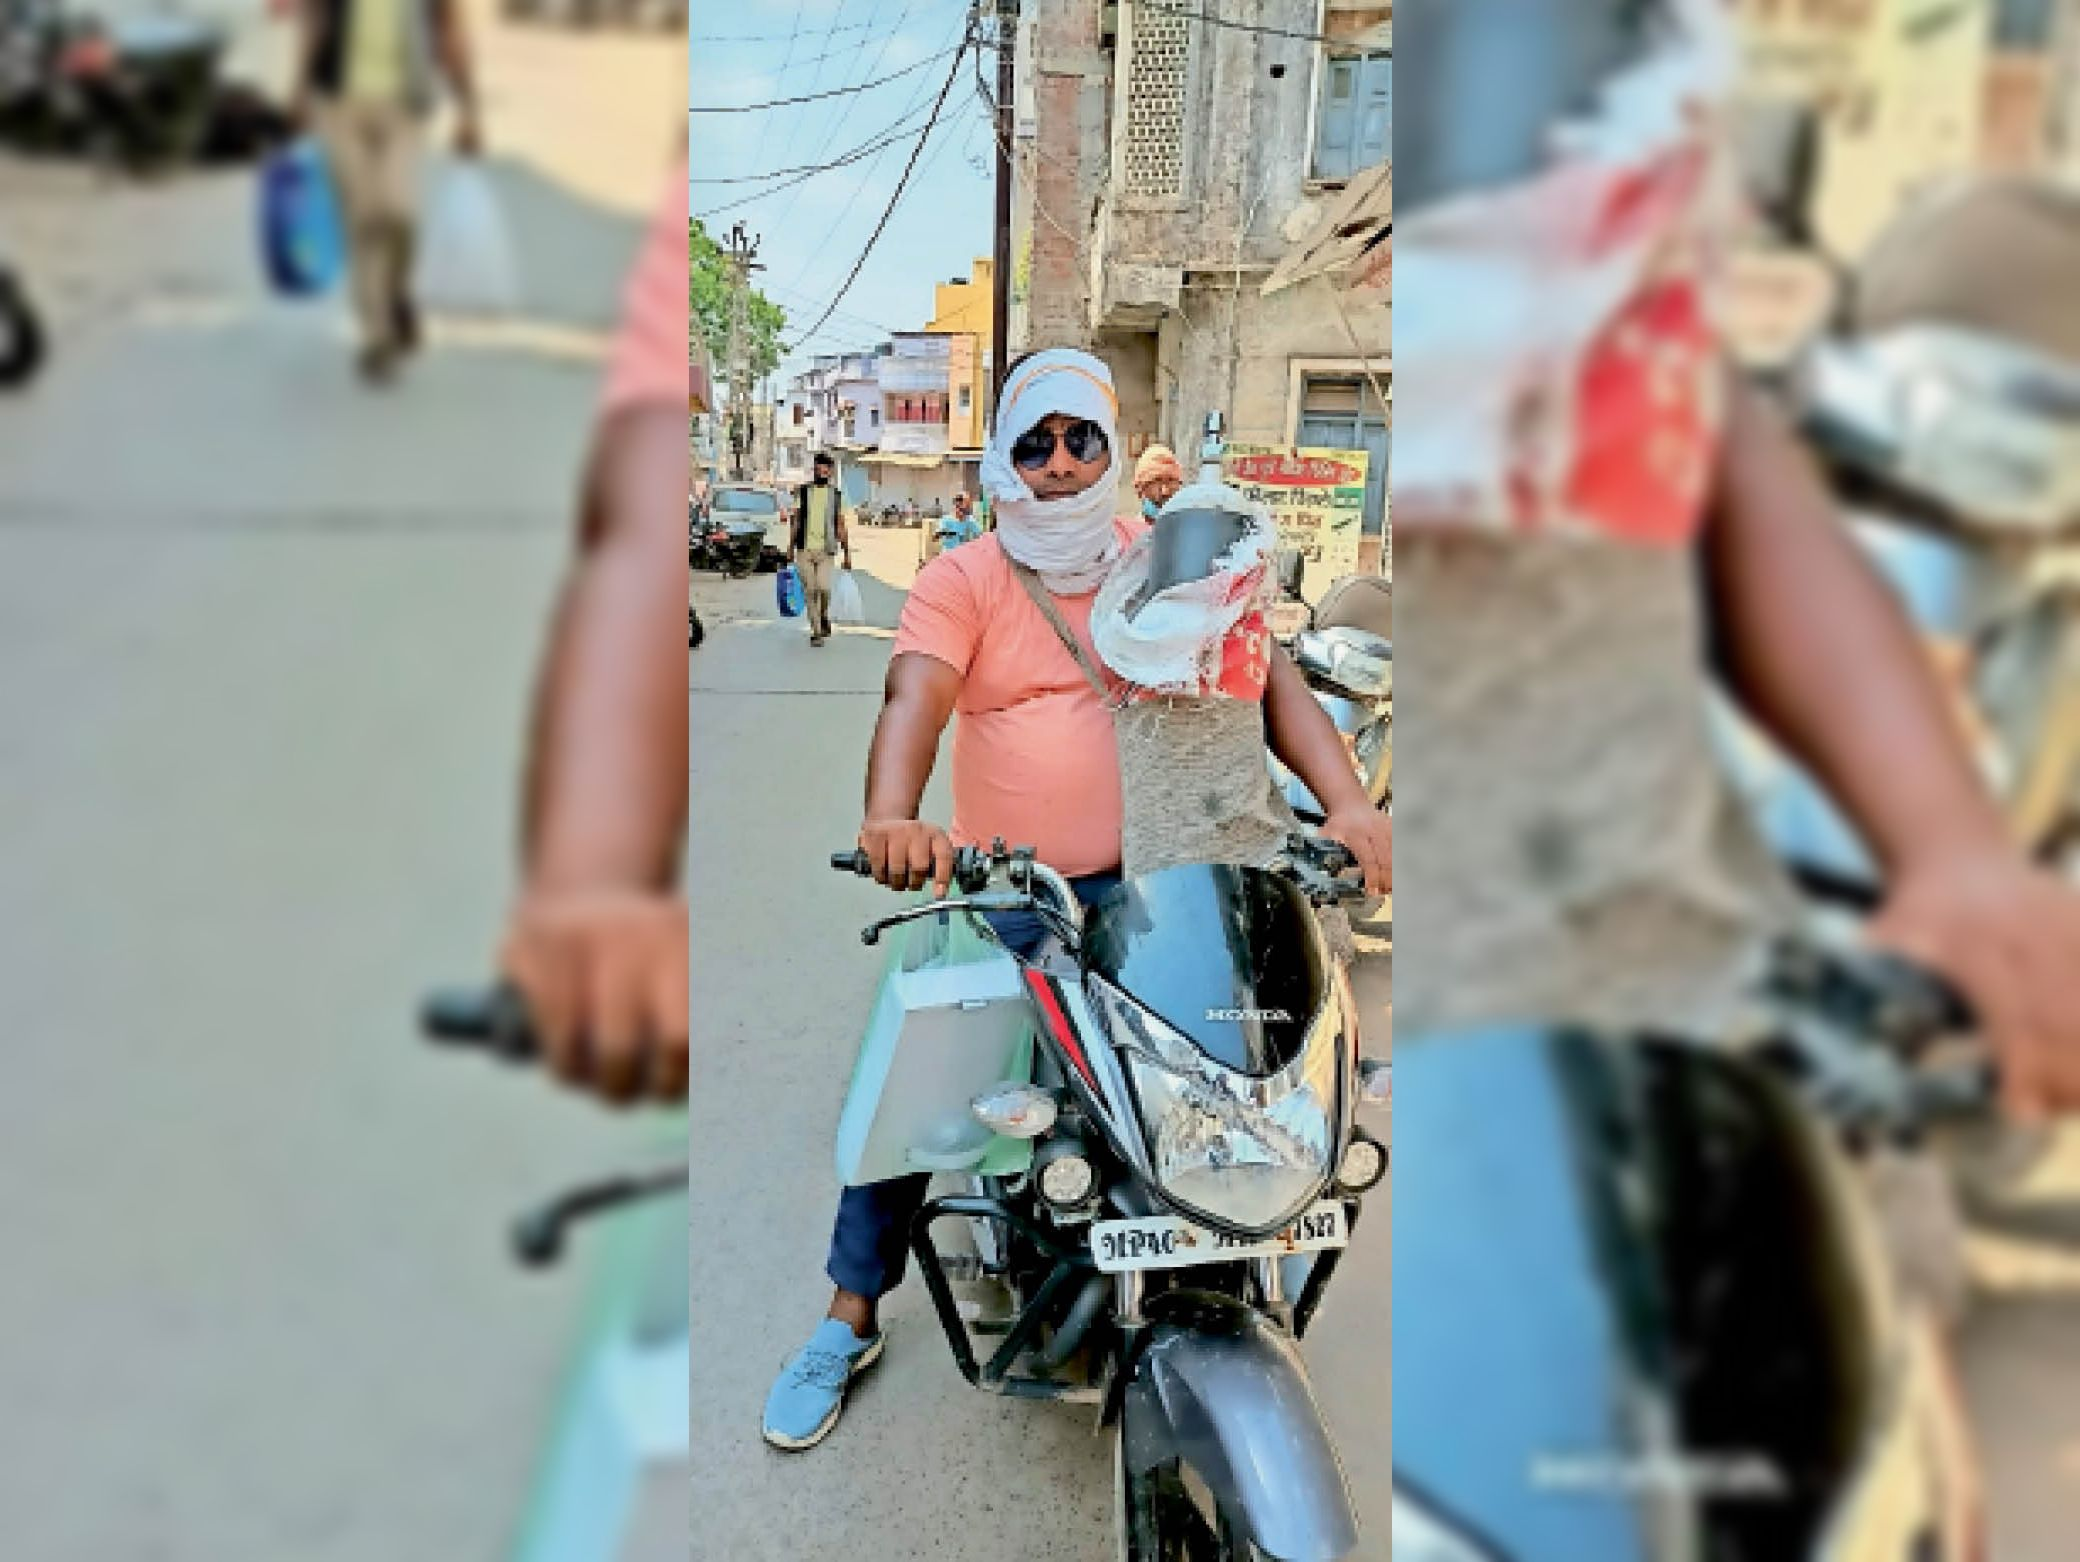 15 दिन से शहर  की स्थिति खराब है। मेरे प्रयास से अगर किसी की जान बच जाए तो मेरा जीवन सार्थक हो जाएगा। सोहिल अहमद - Dainik Bhaskar